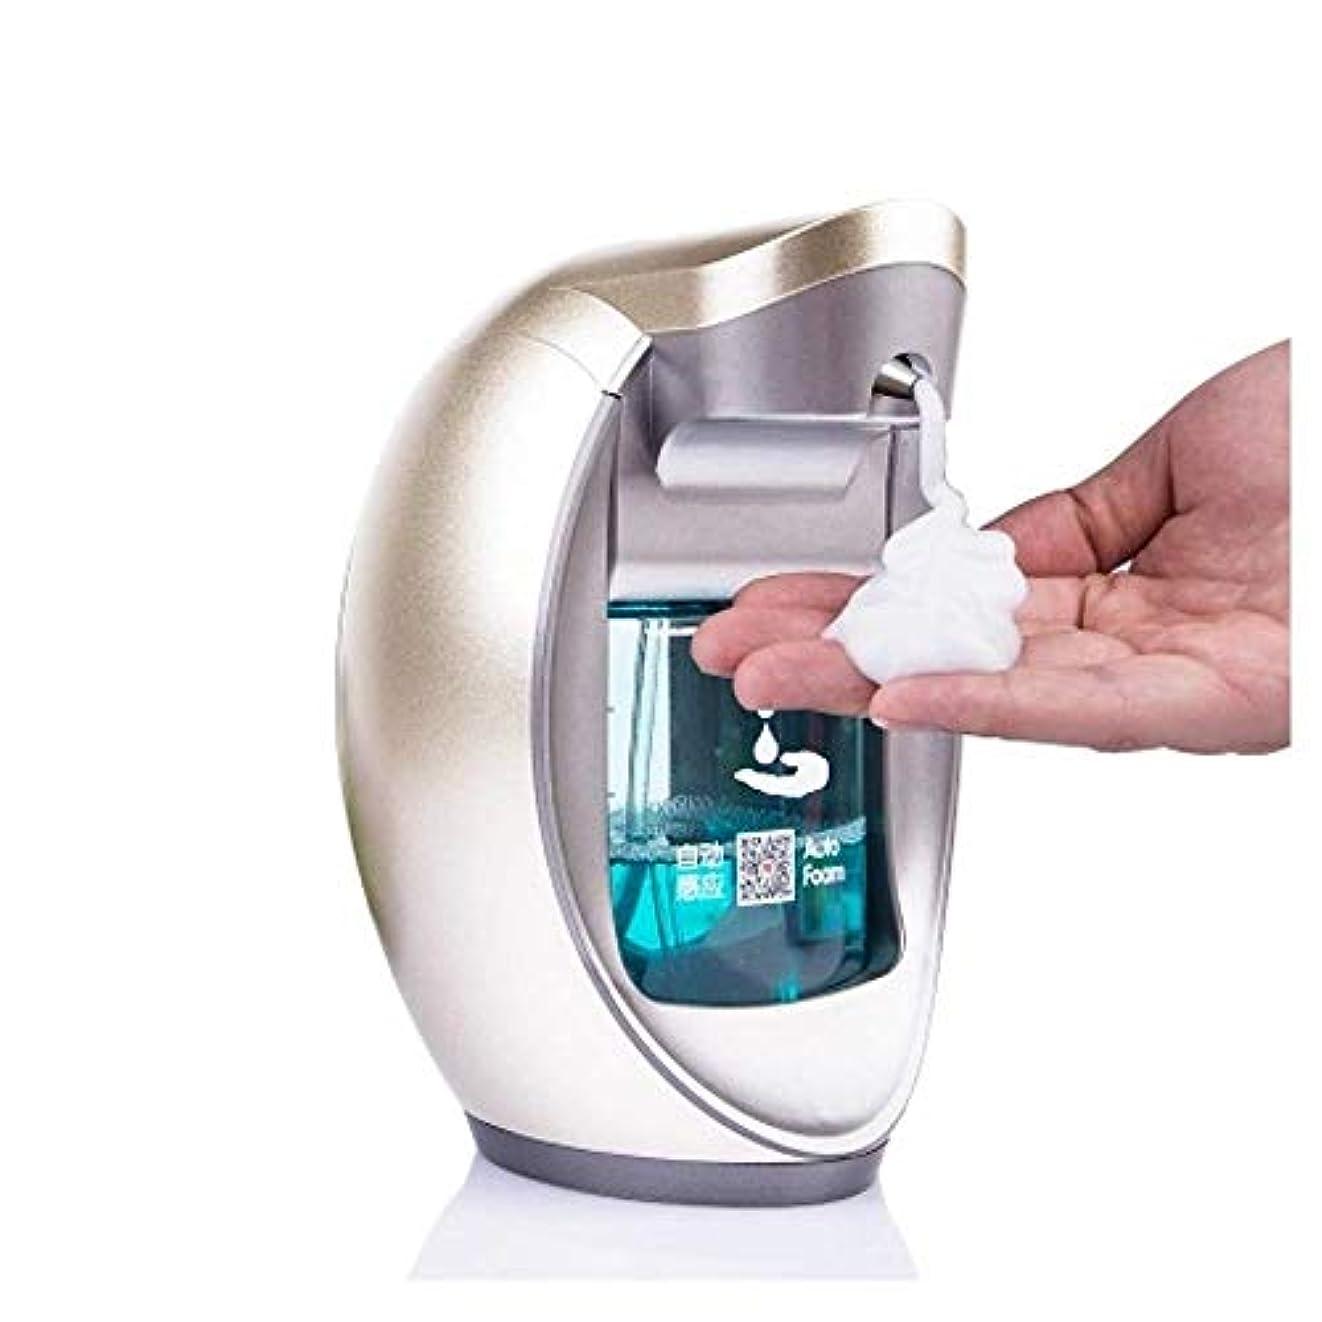 アダルト落ち込んでいる分類480ミリリットル手洗い自動センサー用キッチンバスルームタッチレスサニタイザー内蔵赤外線スマート